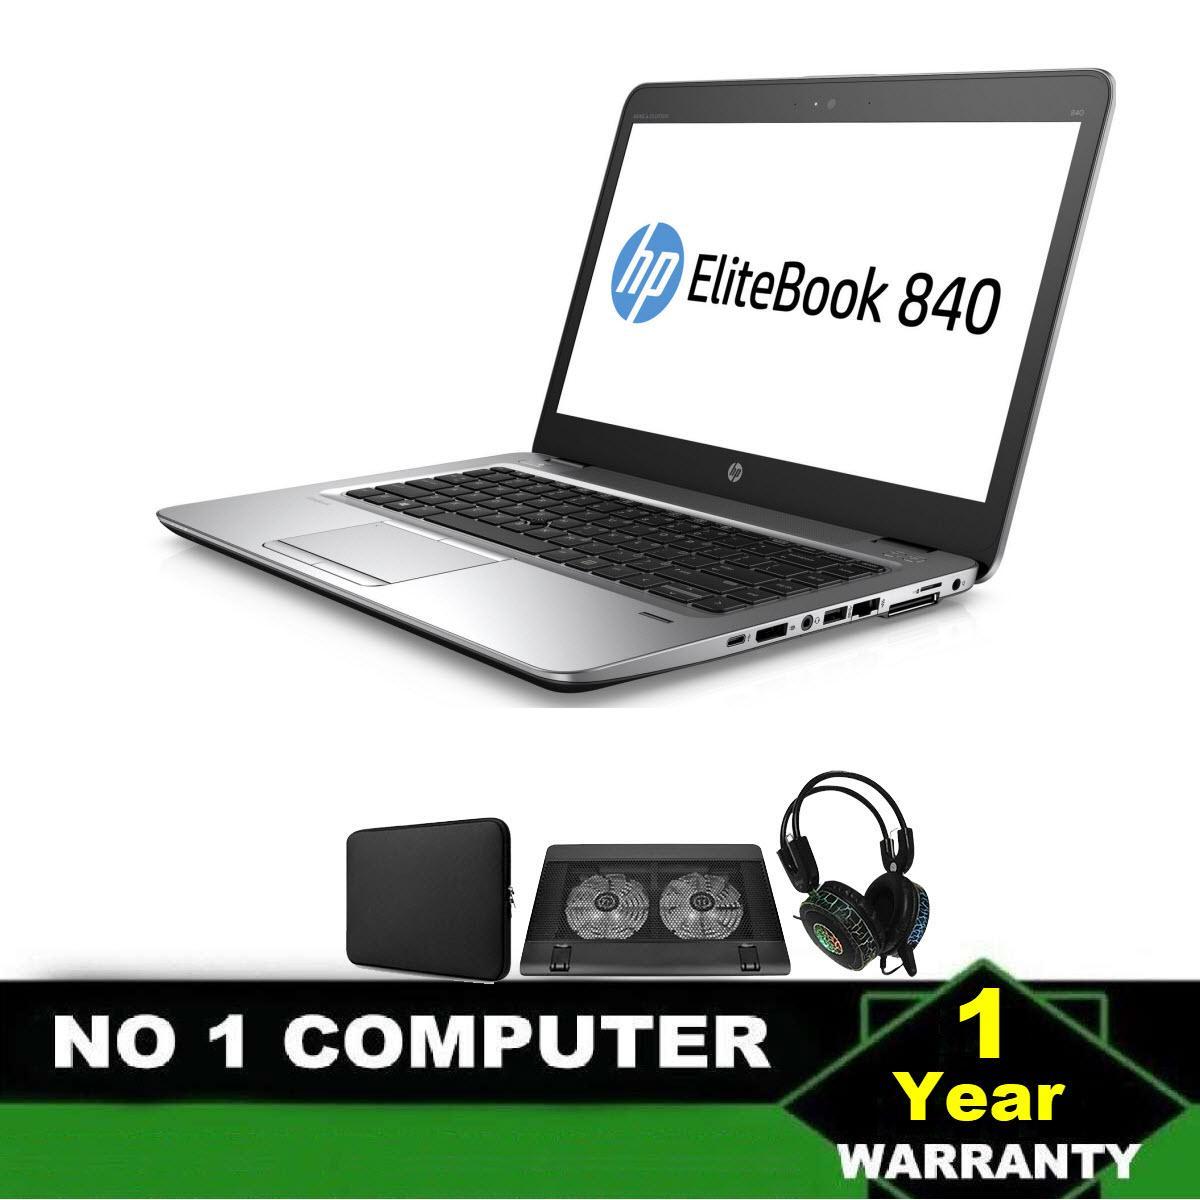 Laptop HP Elitebook 840 G1 i7-4600U, 14inch, 4GB, SSD 240GB + Bộ Quà Tặng - Hàng Nhập Khẩu